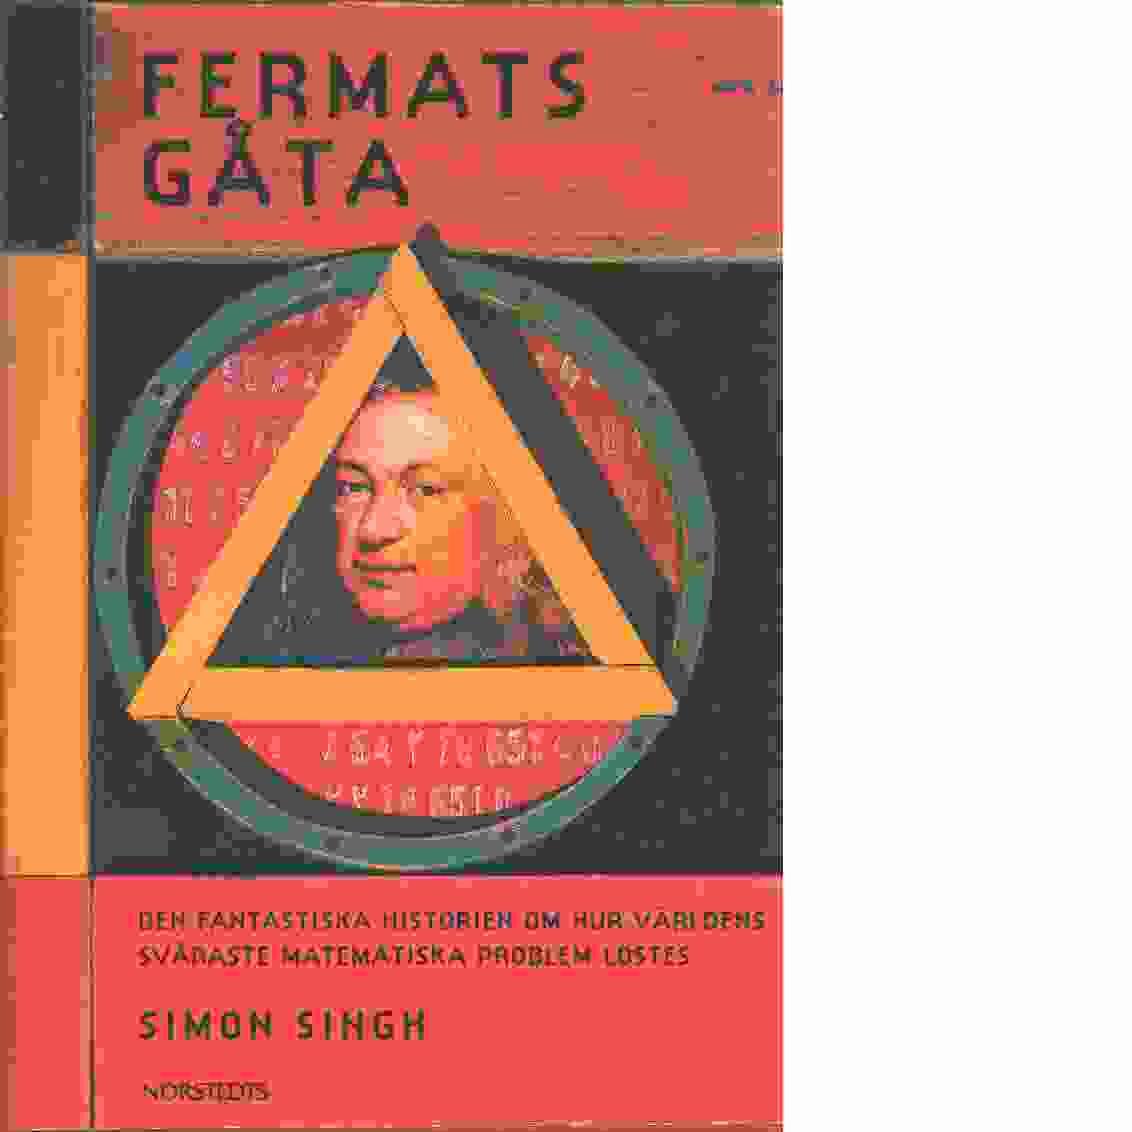 Fermats gåta : så löstes världens svåraste matematiska problem - Singh, Simon